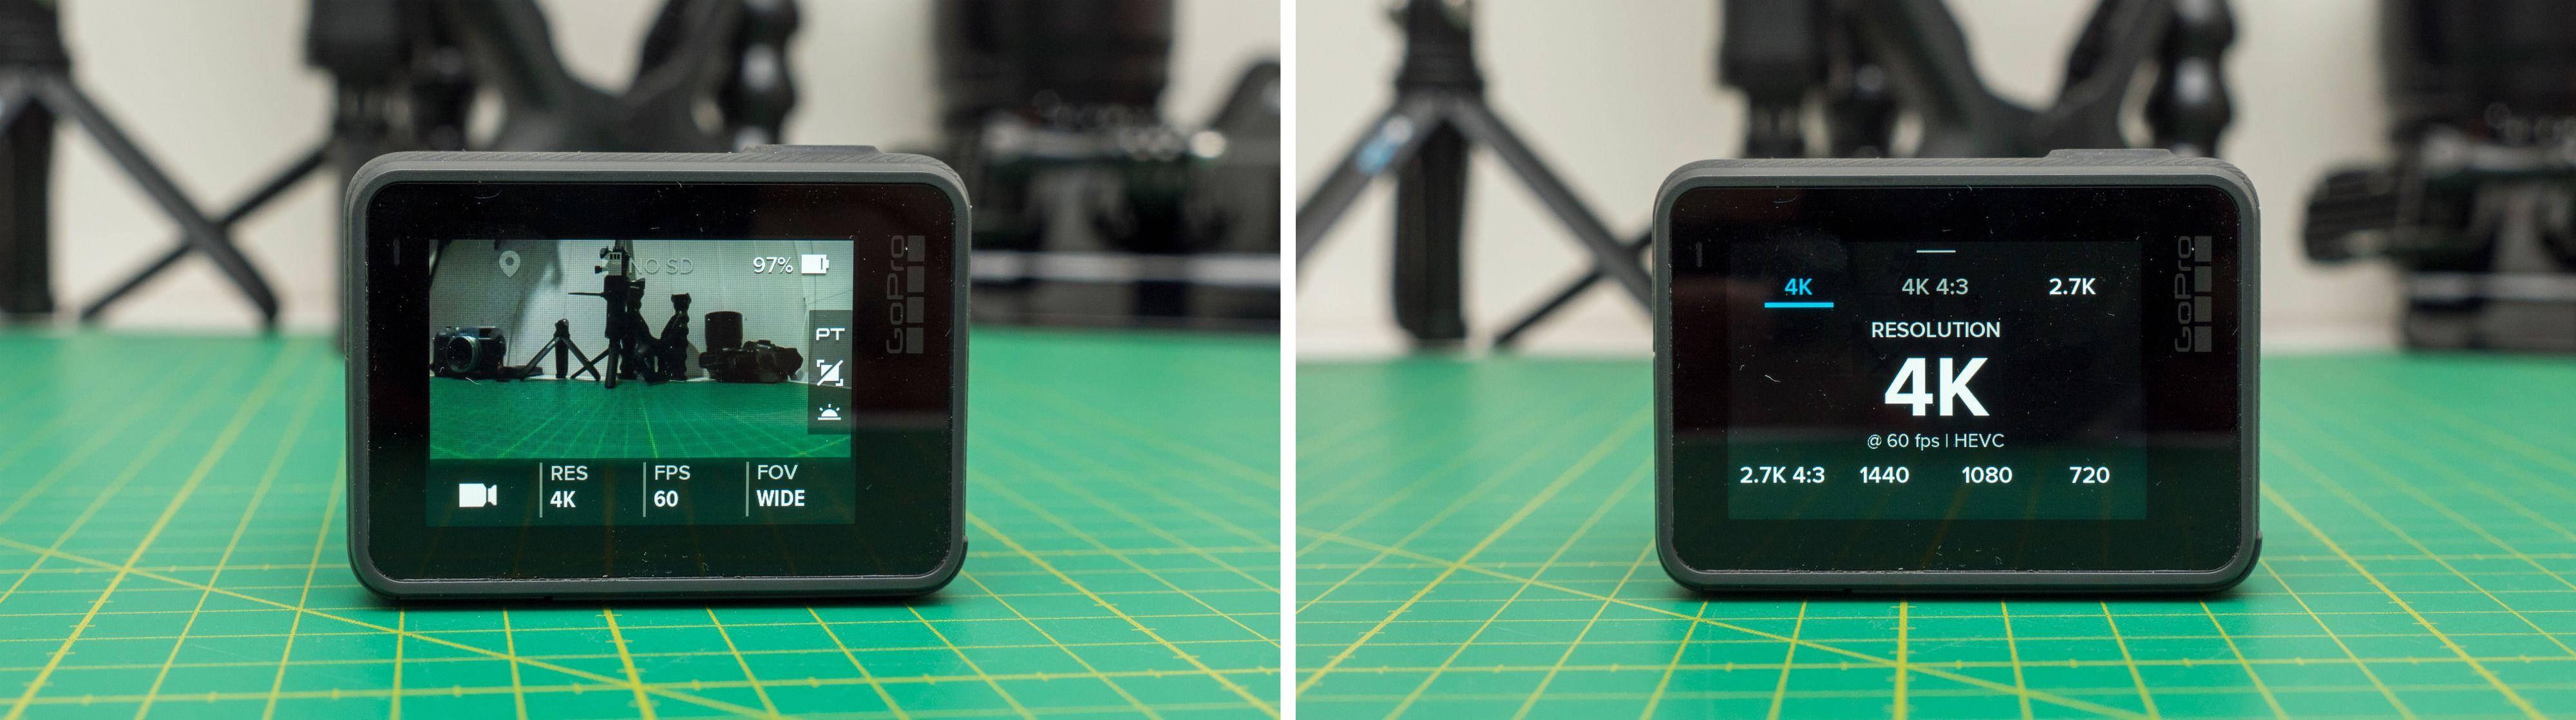 Kameraet er superenkelt å bruke via berøringsskjermen, men ikke like enkelt uten.